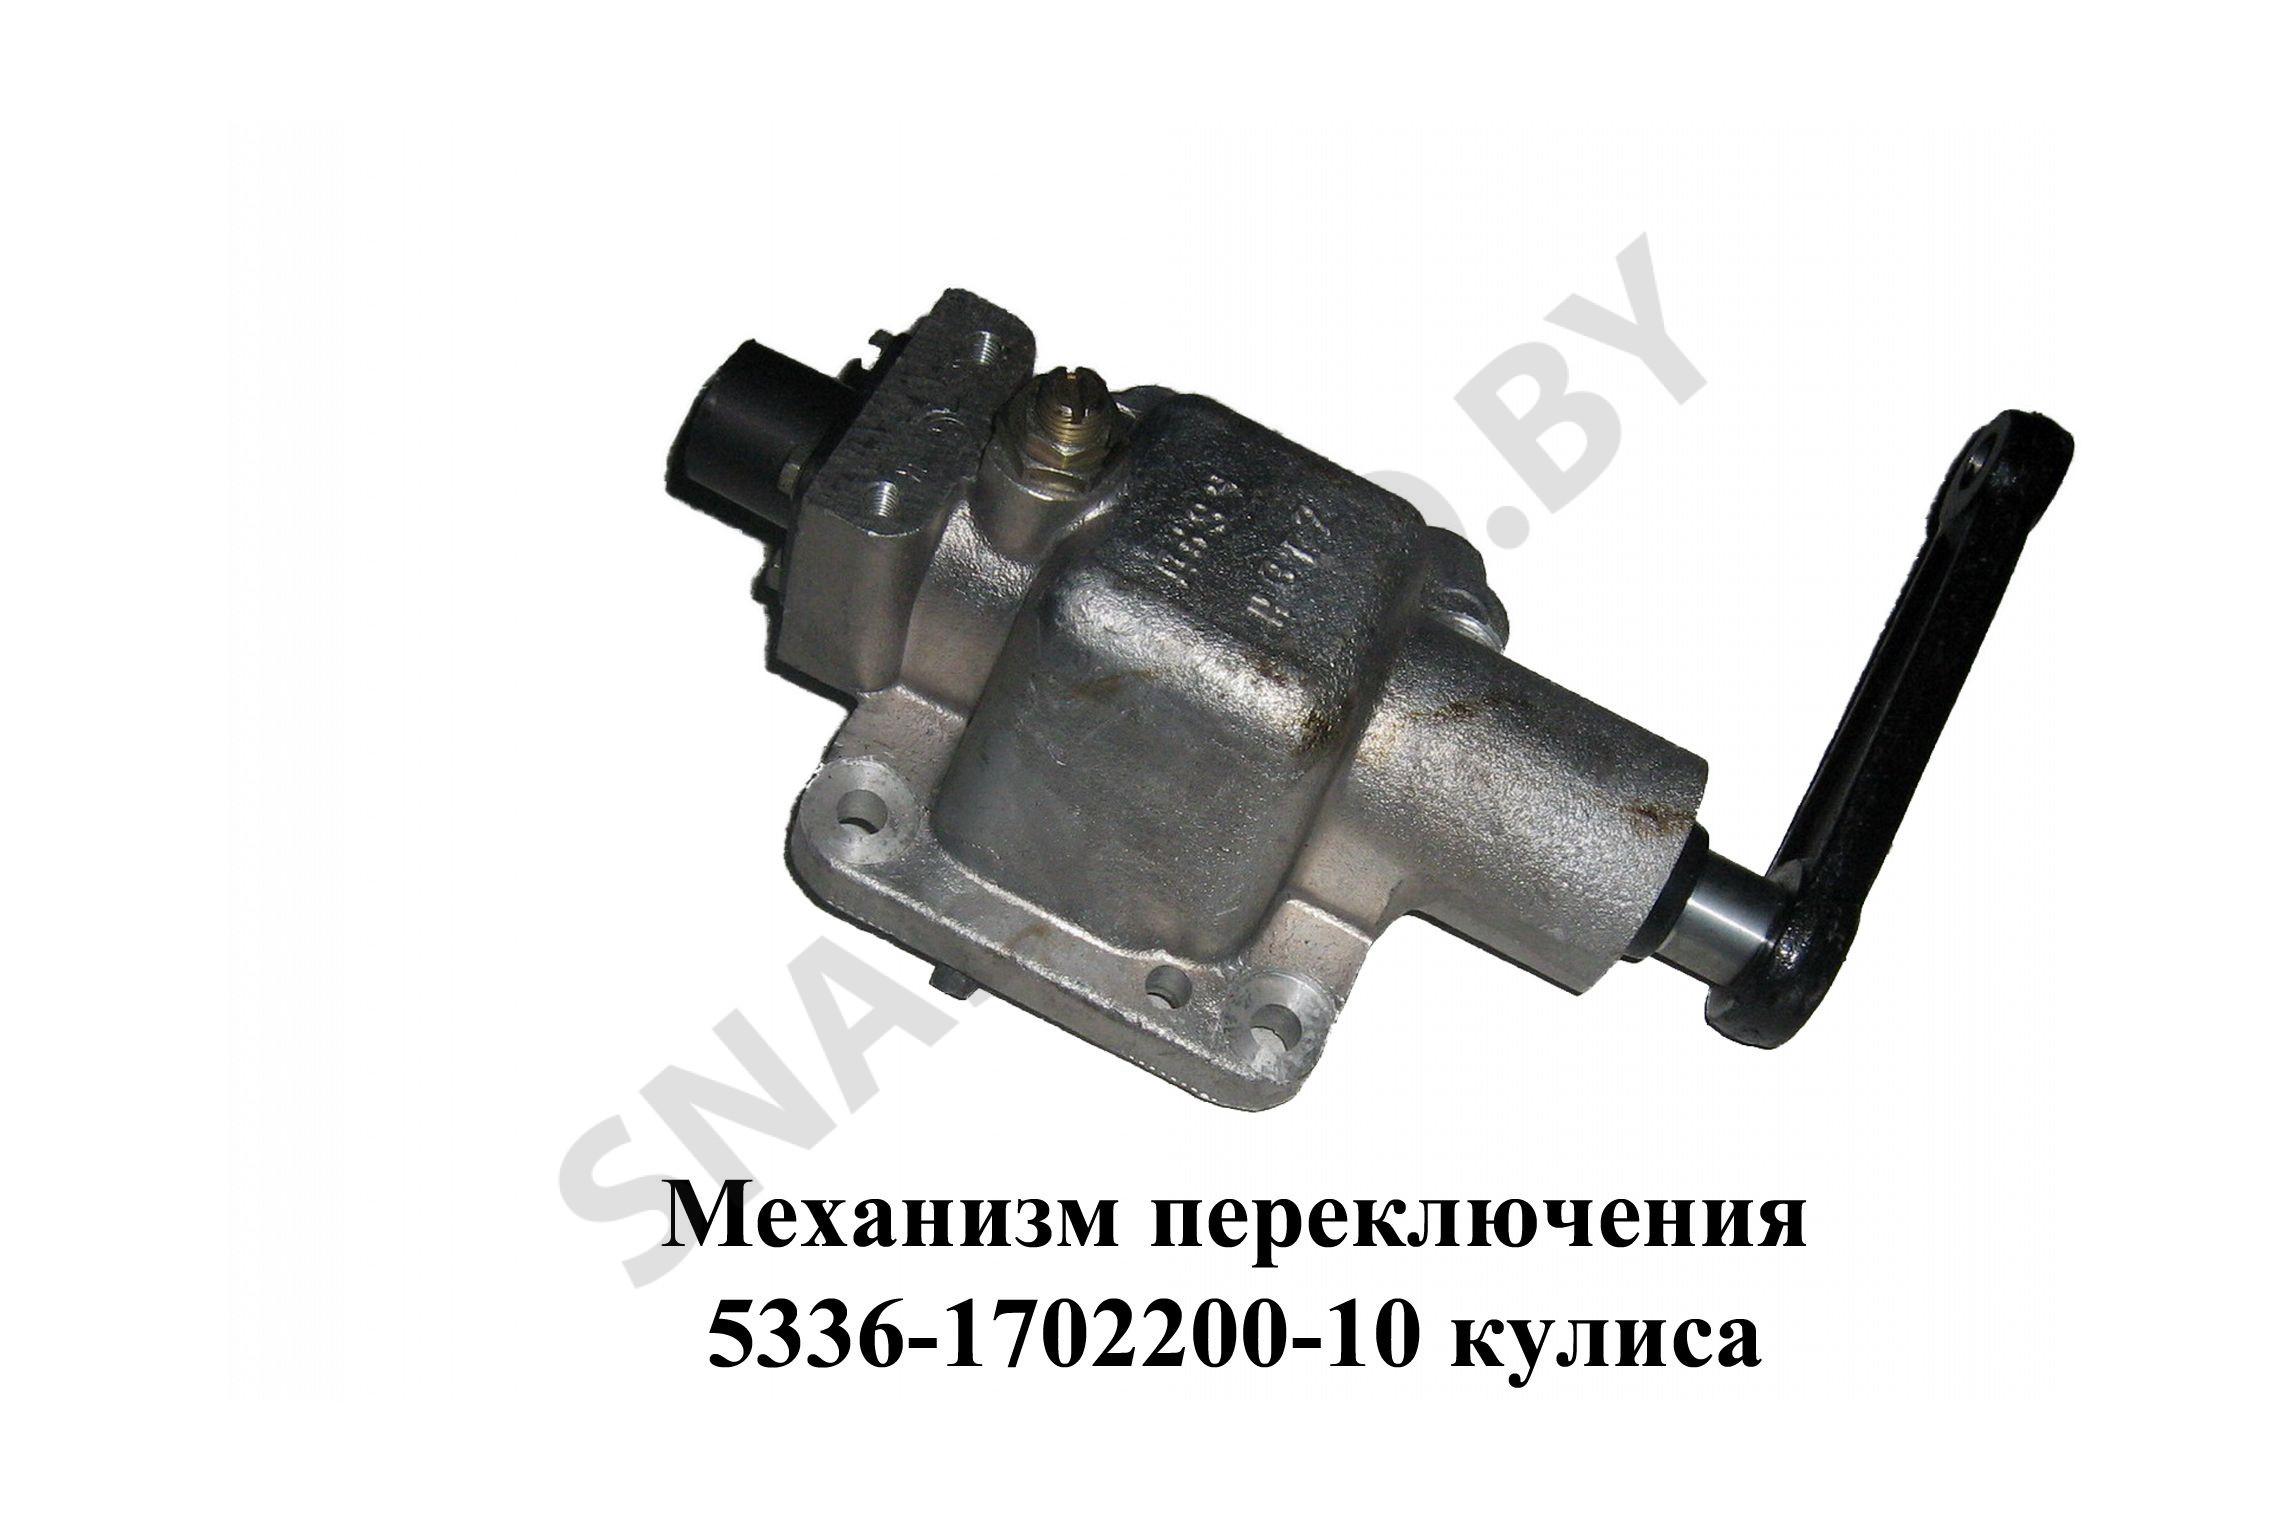 Механизм переключения передач (кулиса)